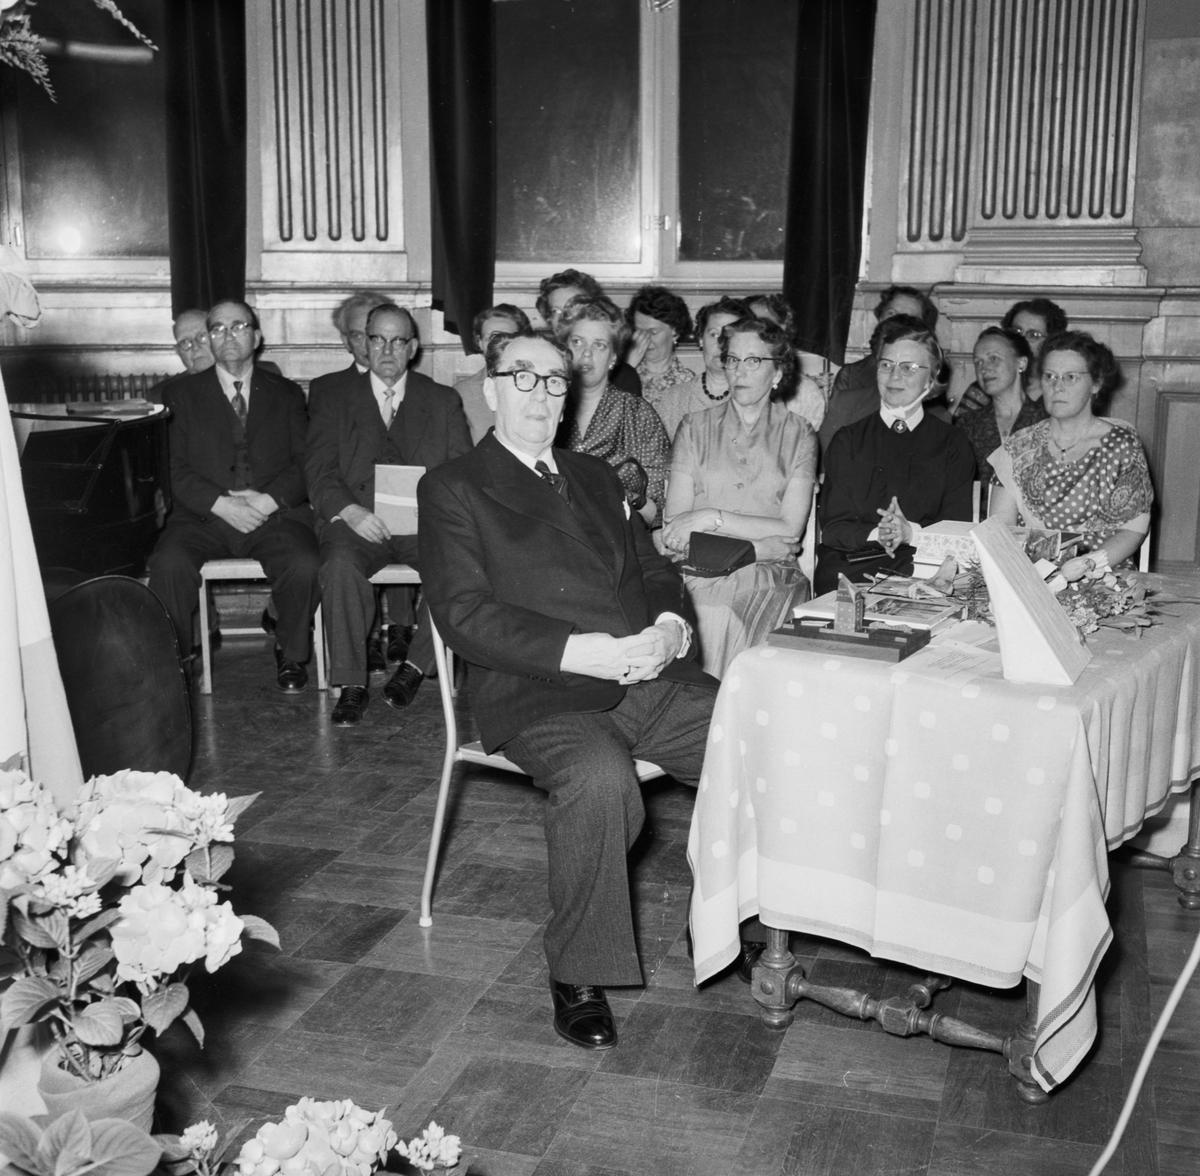 Övrigt: Foto datum: 28/5 1958 Byggnader och kranar Yrkesskolans avslutning